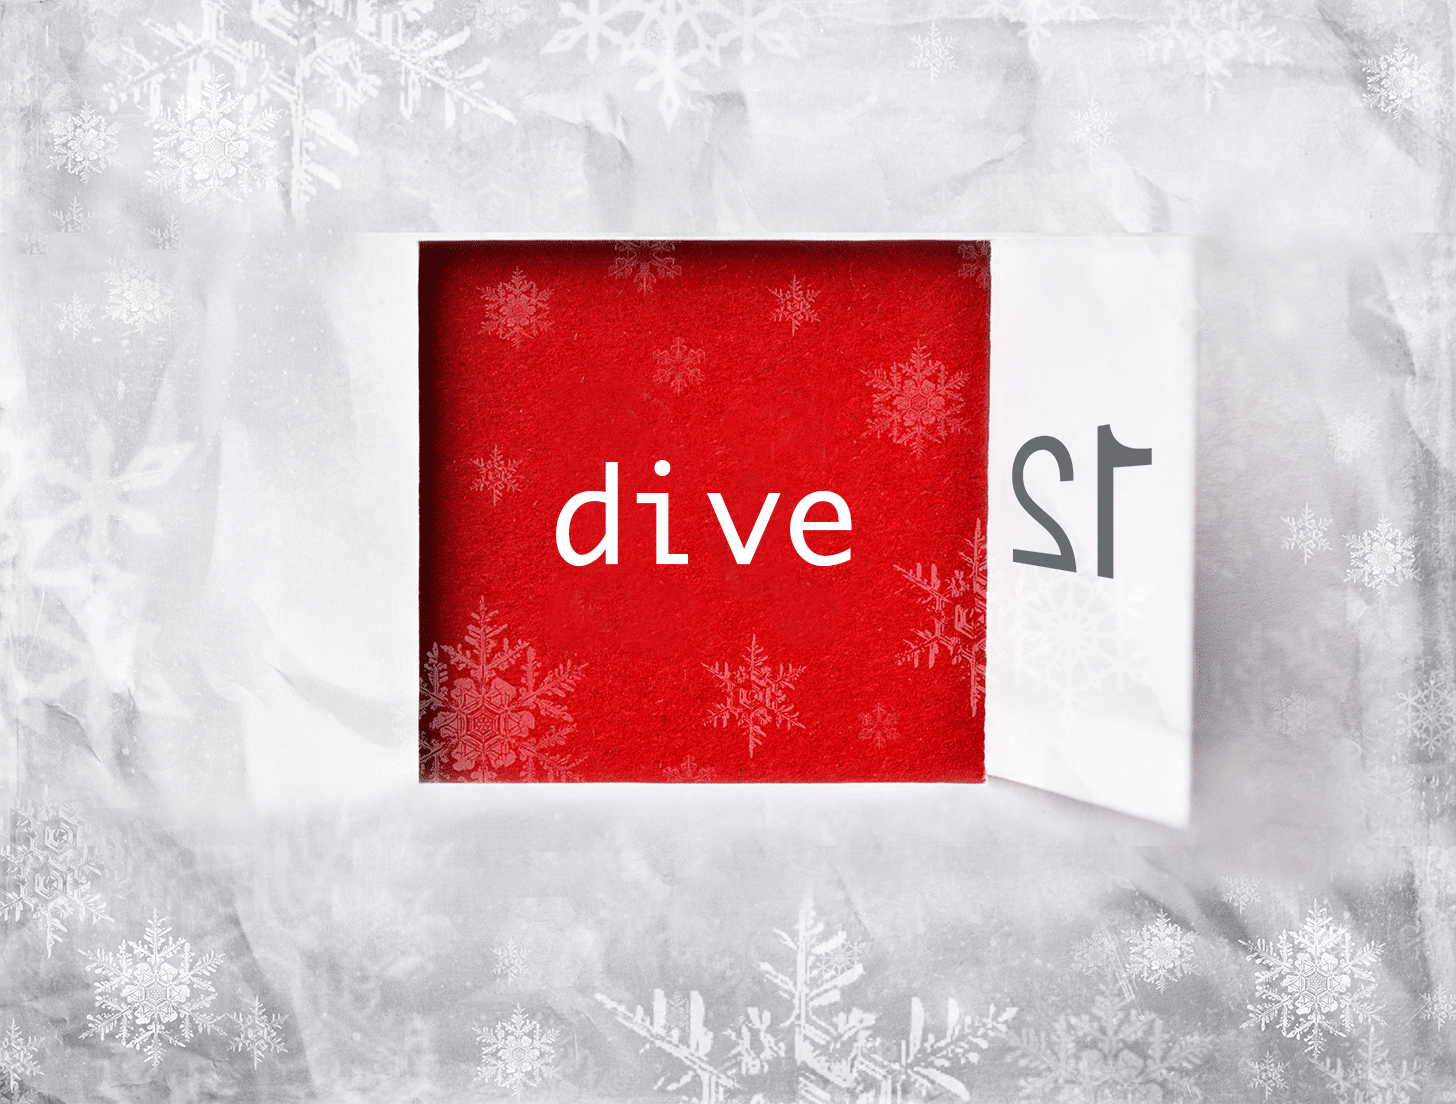 door-12-dive